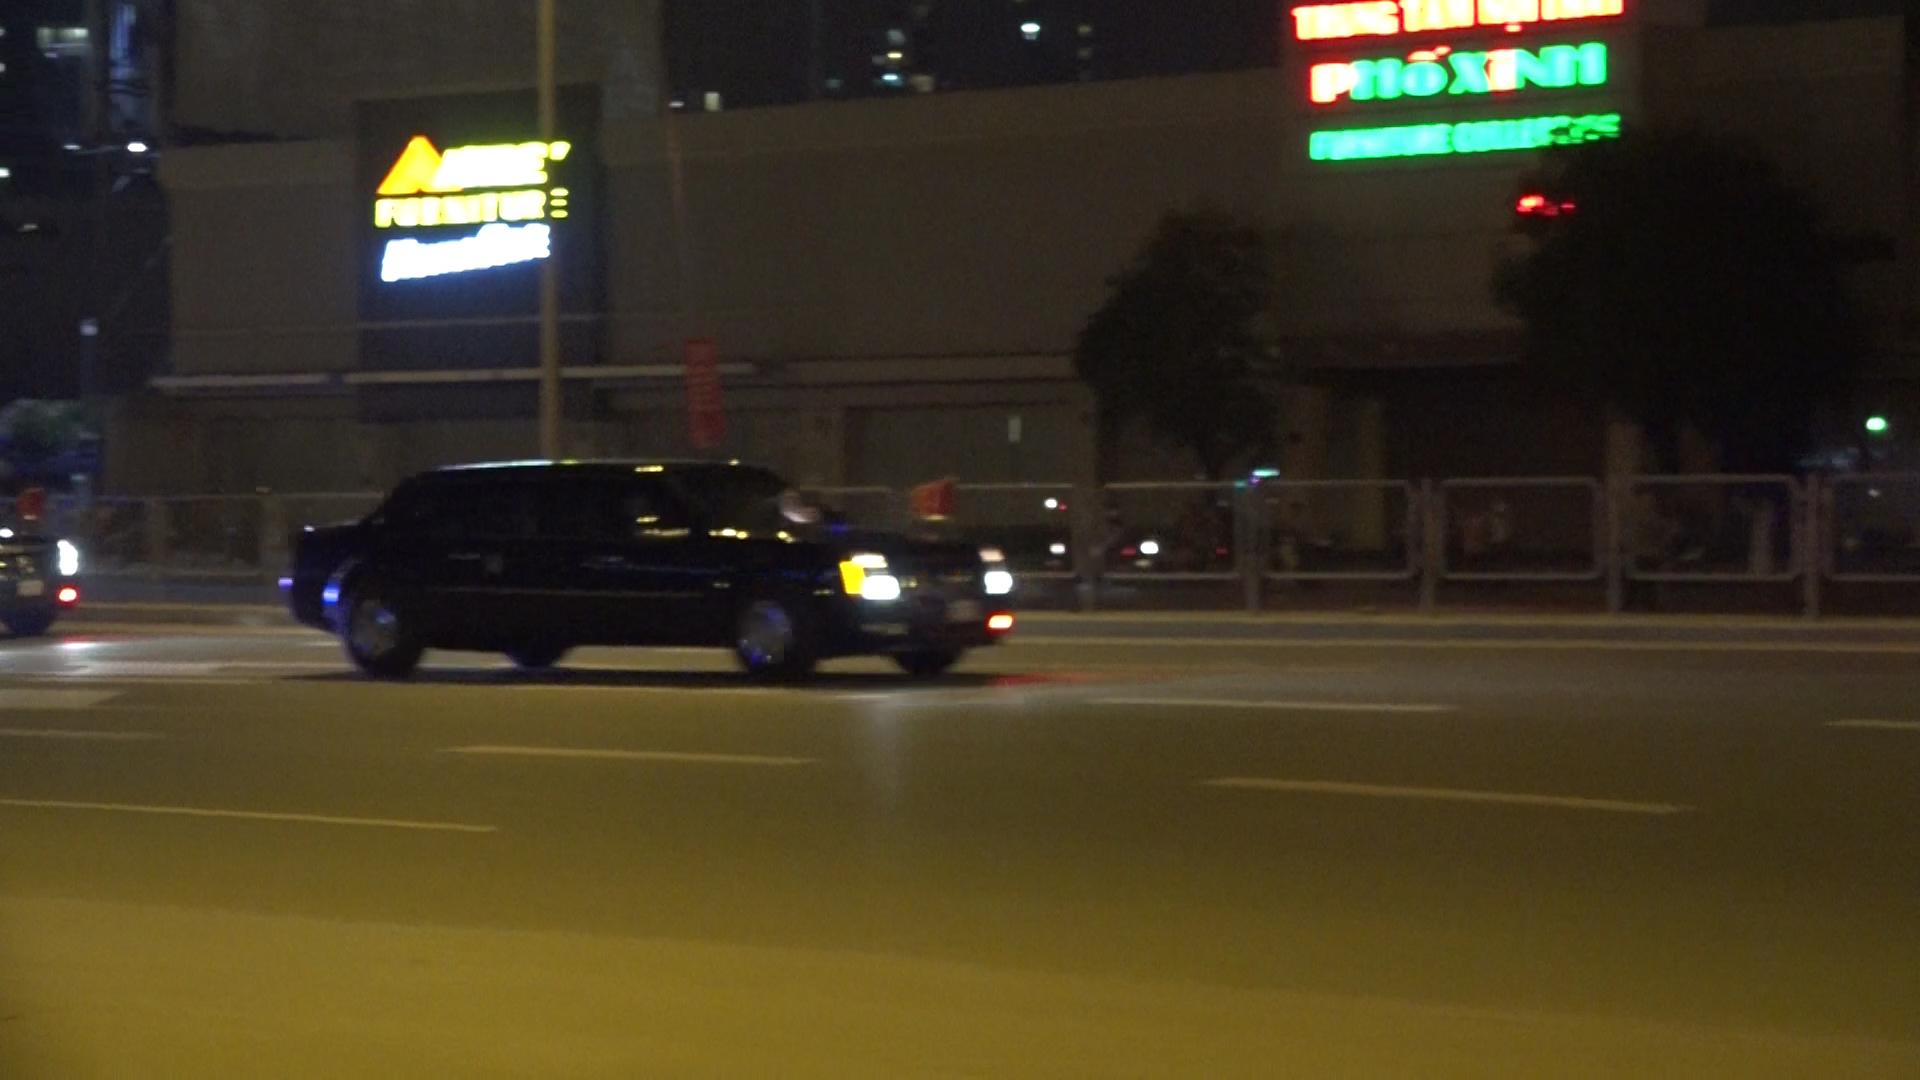 Đoàn xe chở Tổng thống Mỹ trên đường phố Hà Nội